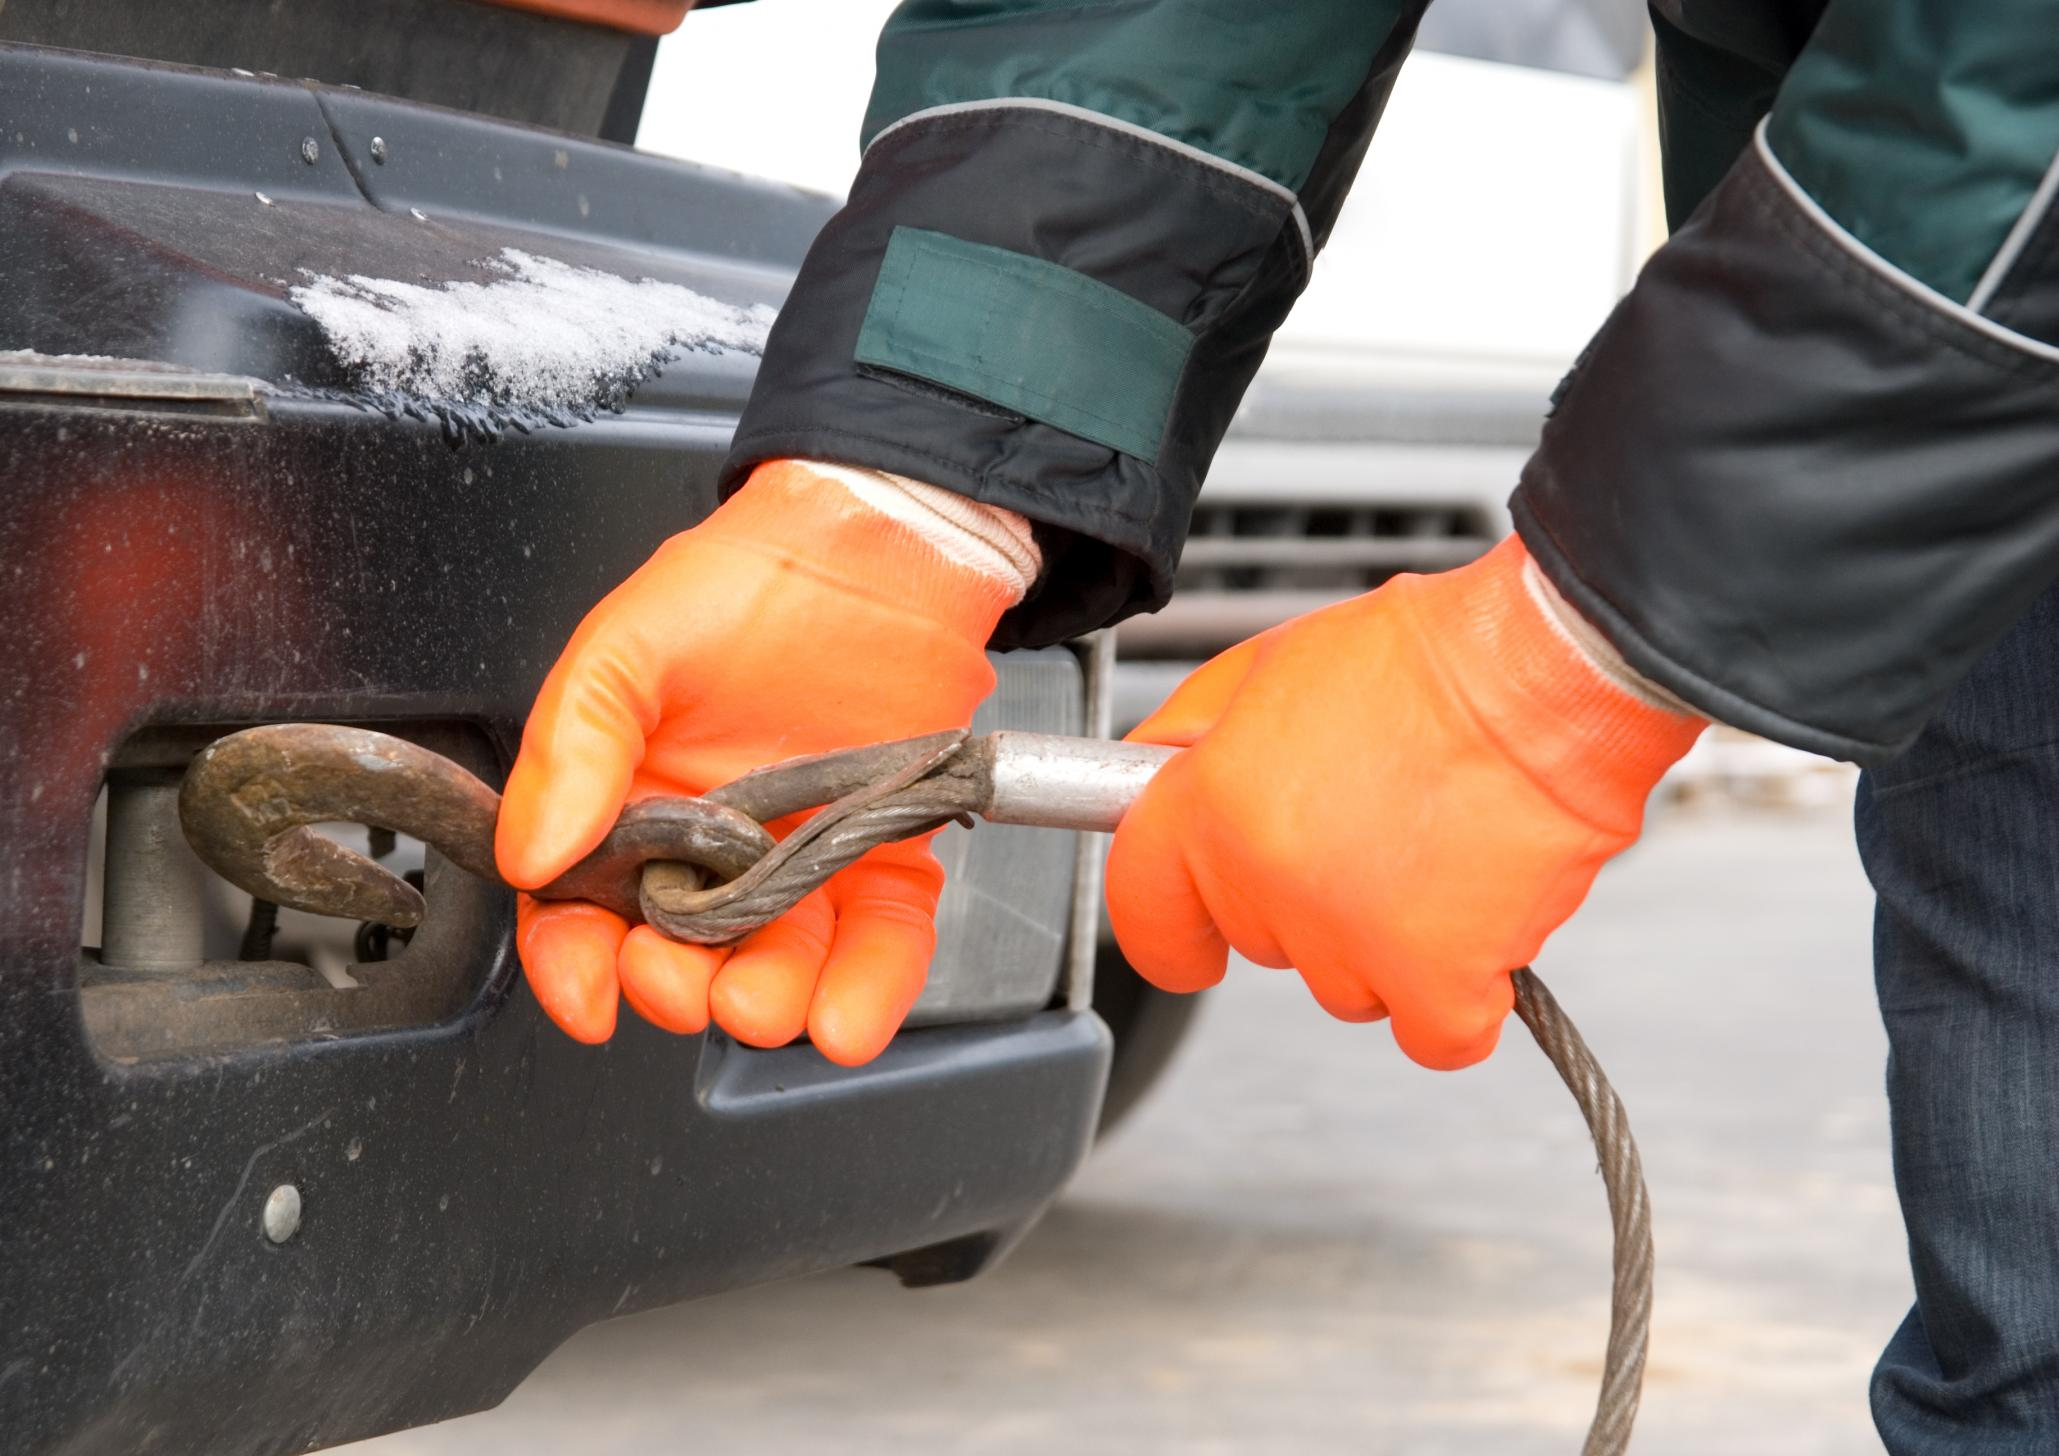 Des Moines Towing Service - Services